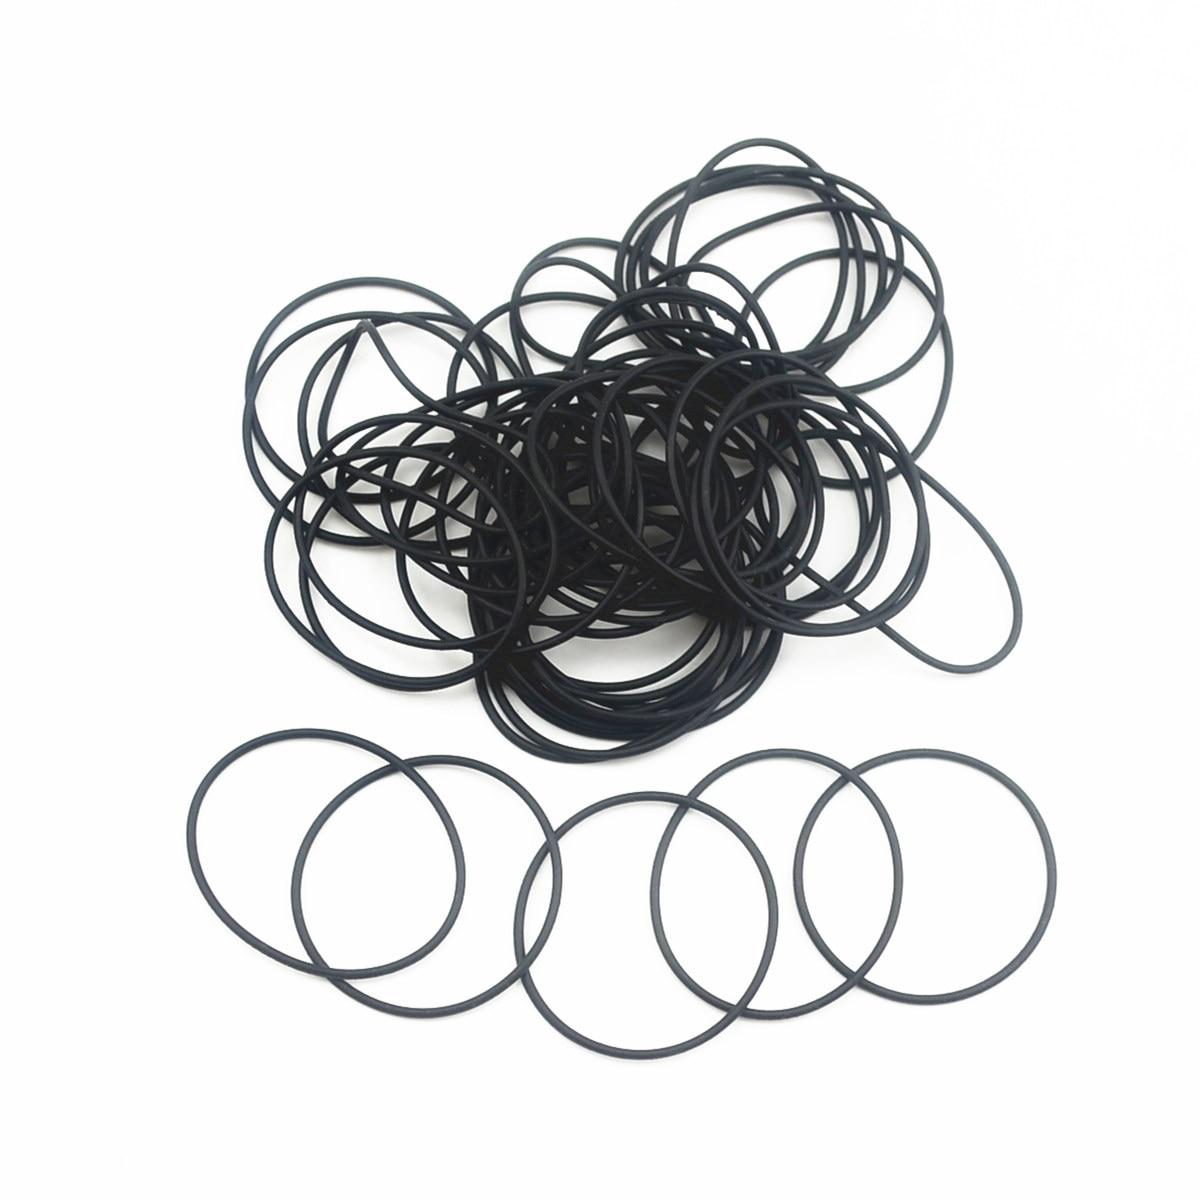 20pcs Noir Nitrile Butadiene Rubber Caoutchouc Nitrile O-Ring 4.5 mm Inner Dia 1 mm Largeur